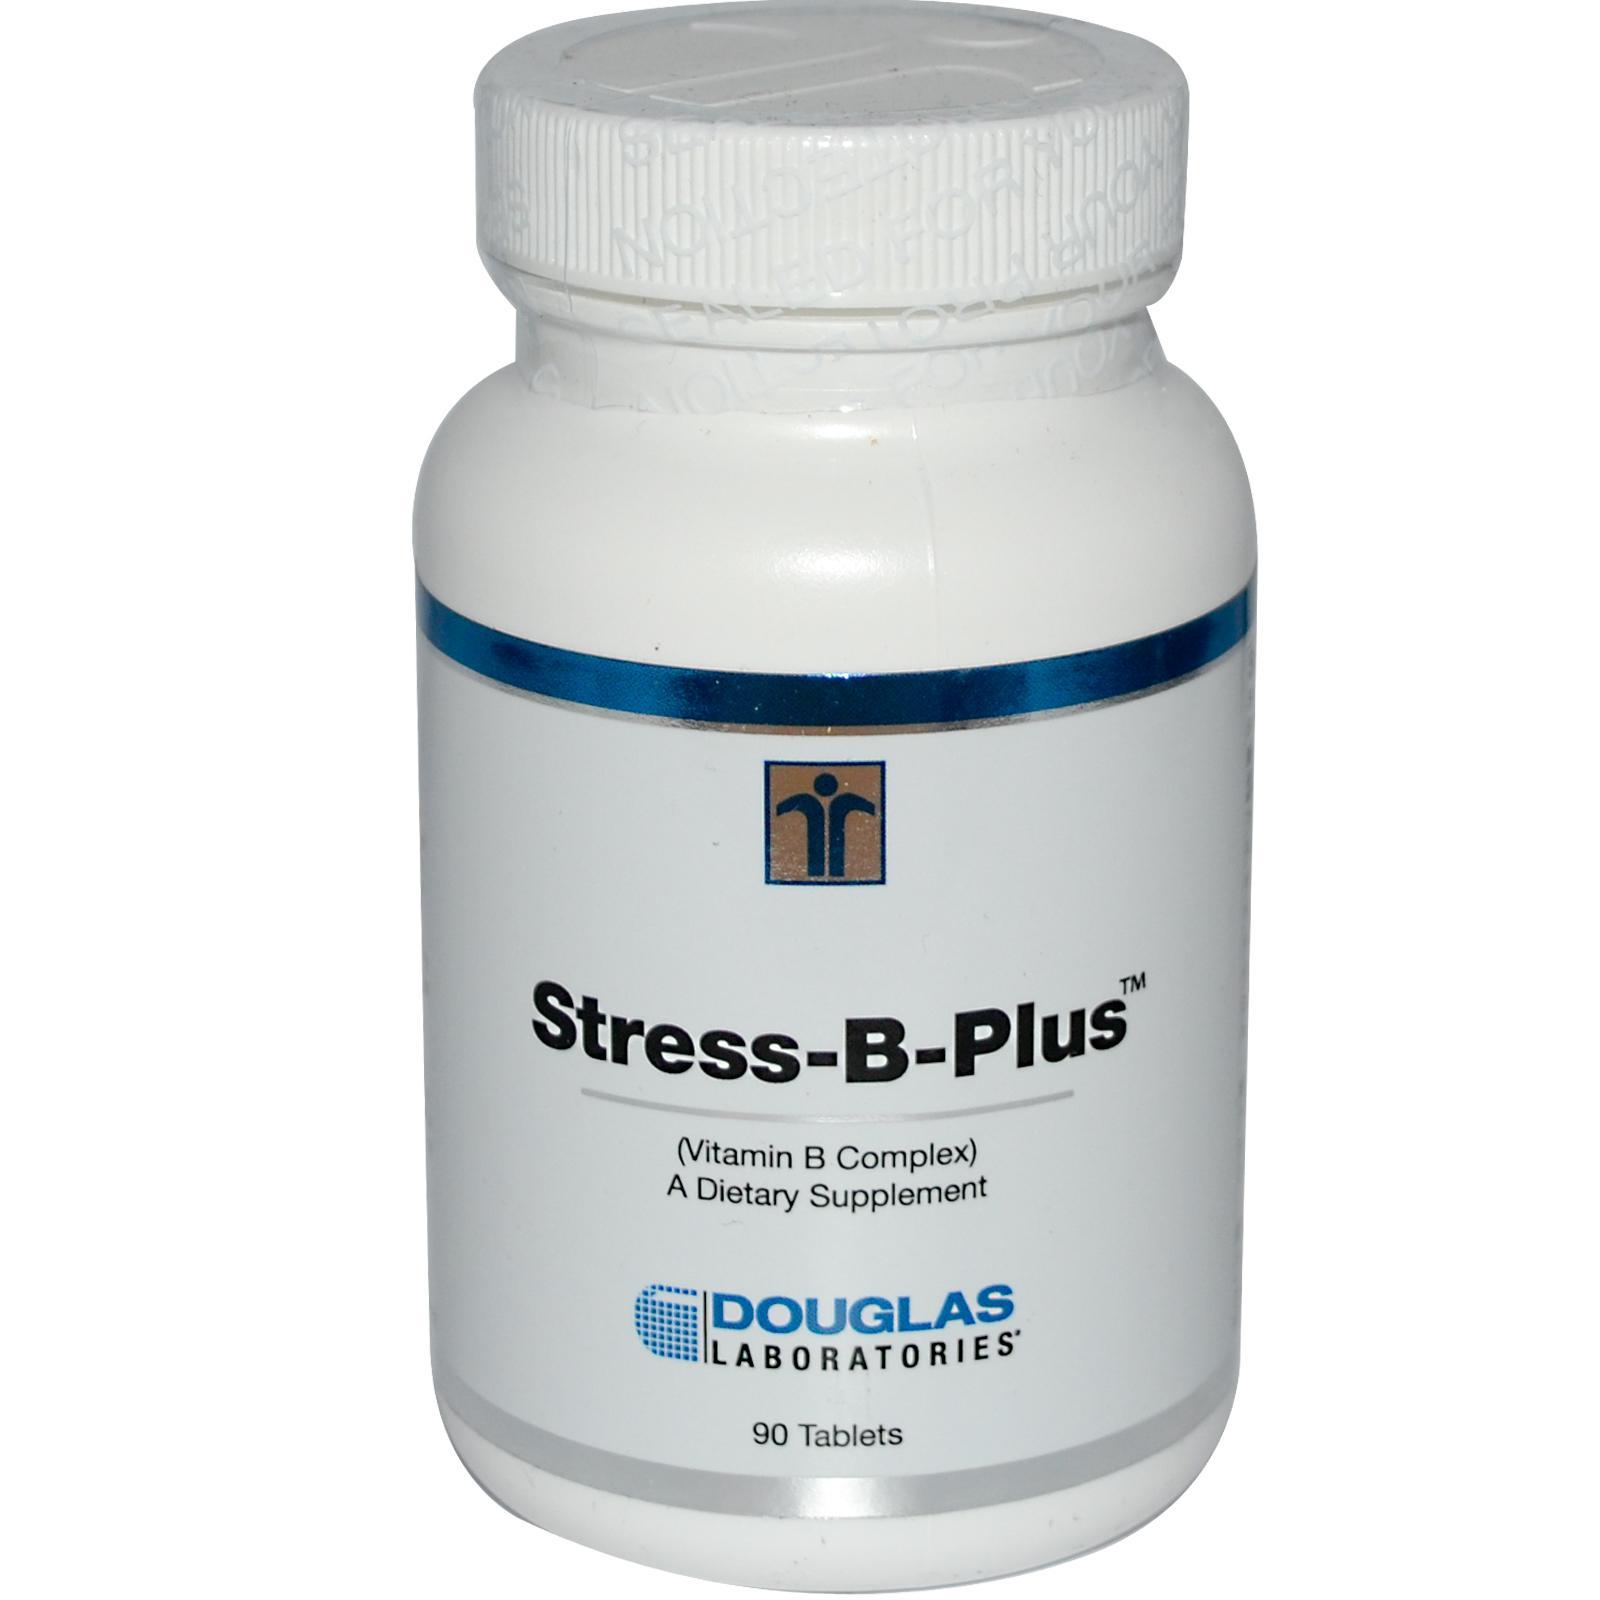 Image of Stress-B-Plus vitamina del complesso B (90 compresse) - Douglas Laboratories 8713975991311